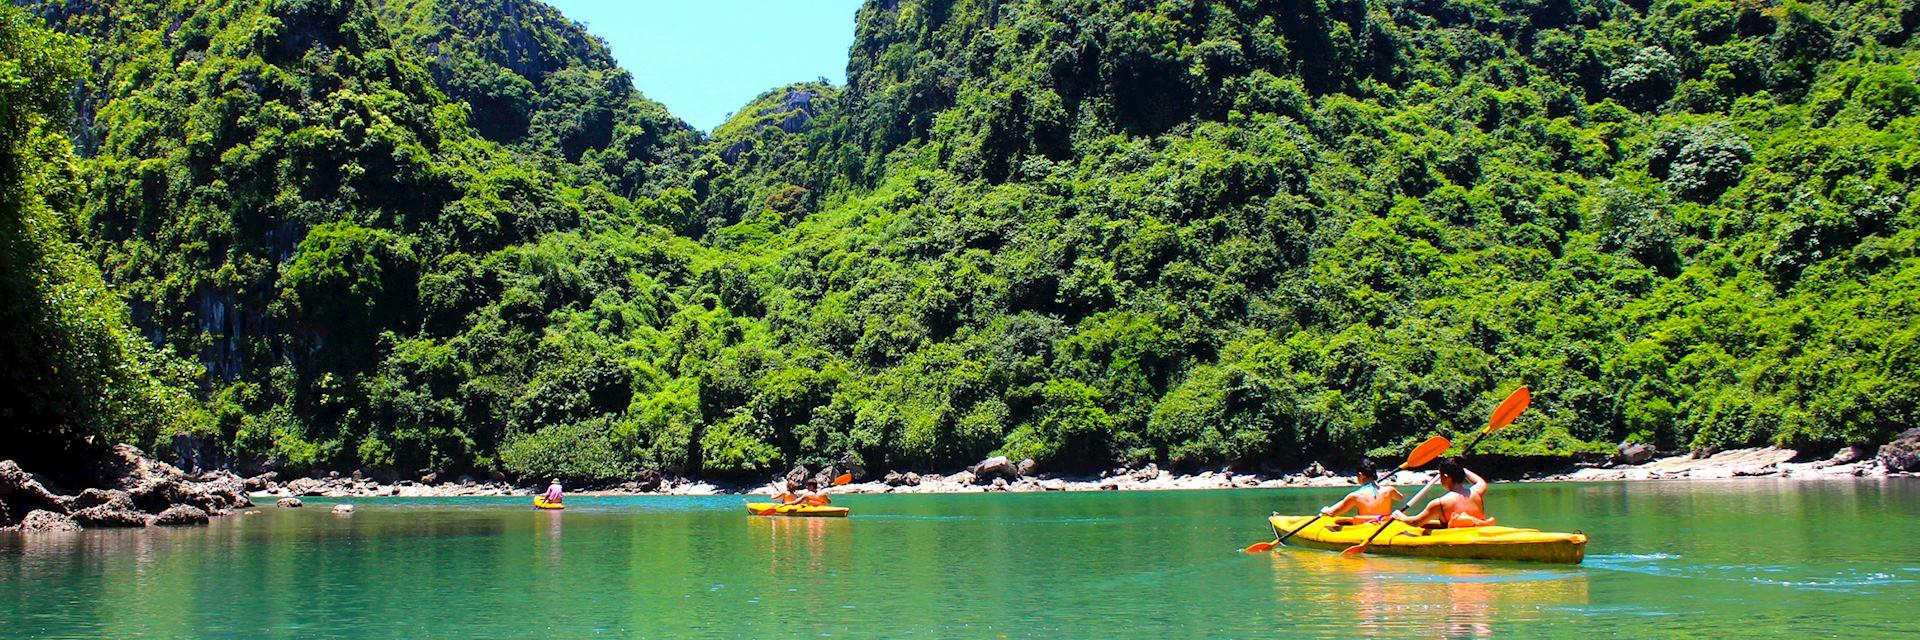 Lan Ha Bay near Halong Bay